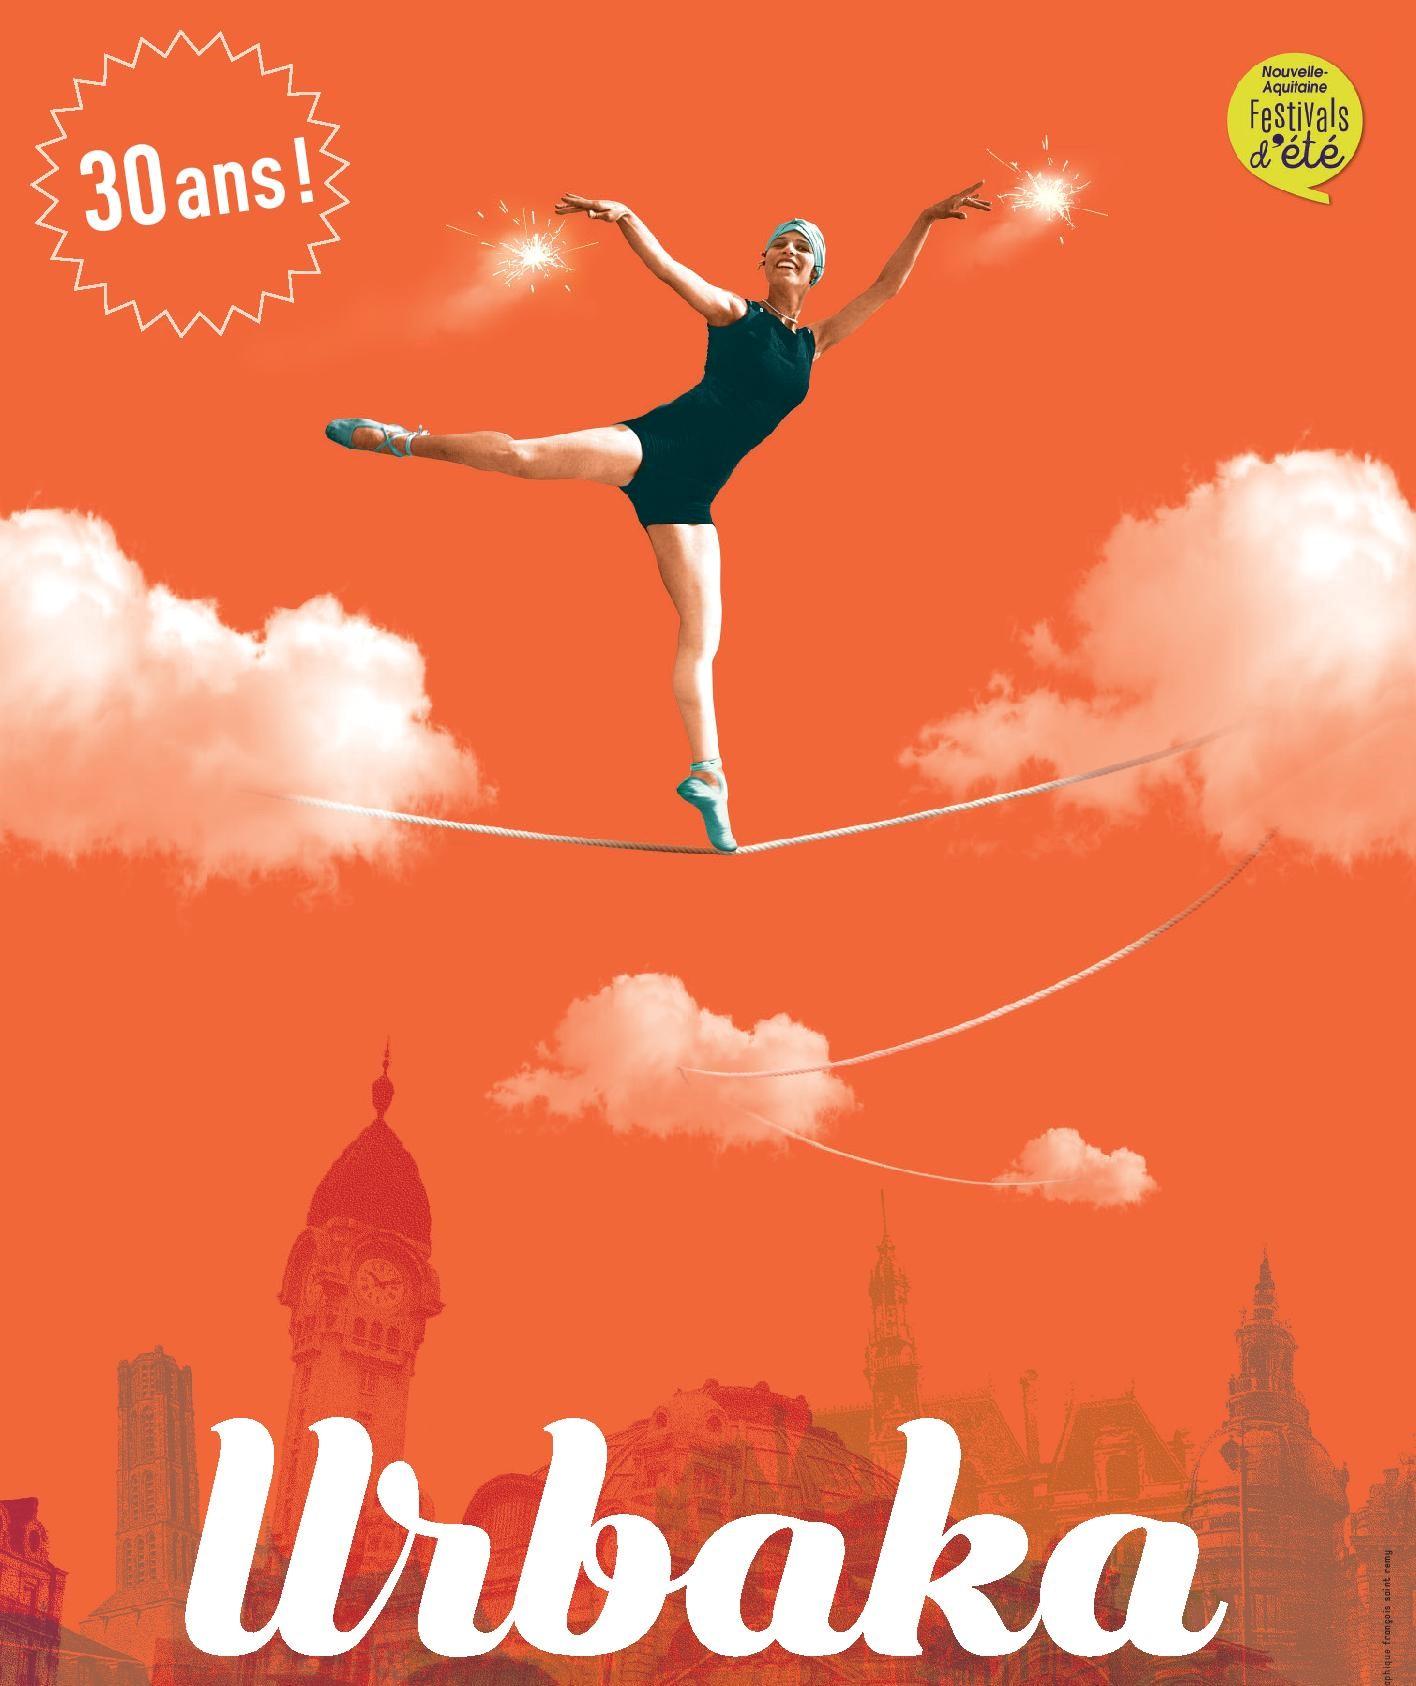 Limoges : Les impromptus d'Urbaka : Raoul le chevalier